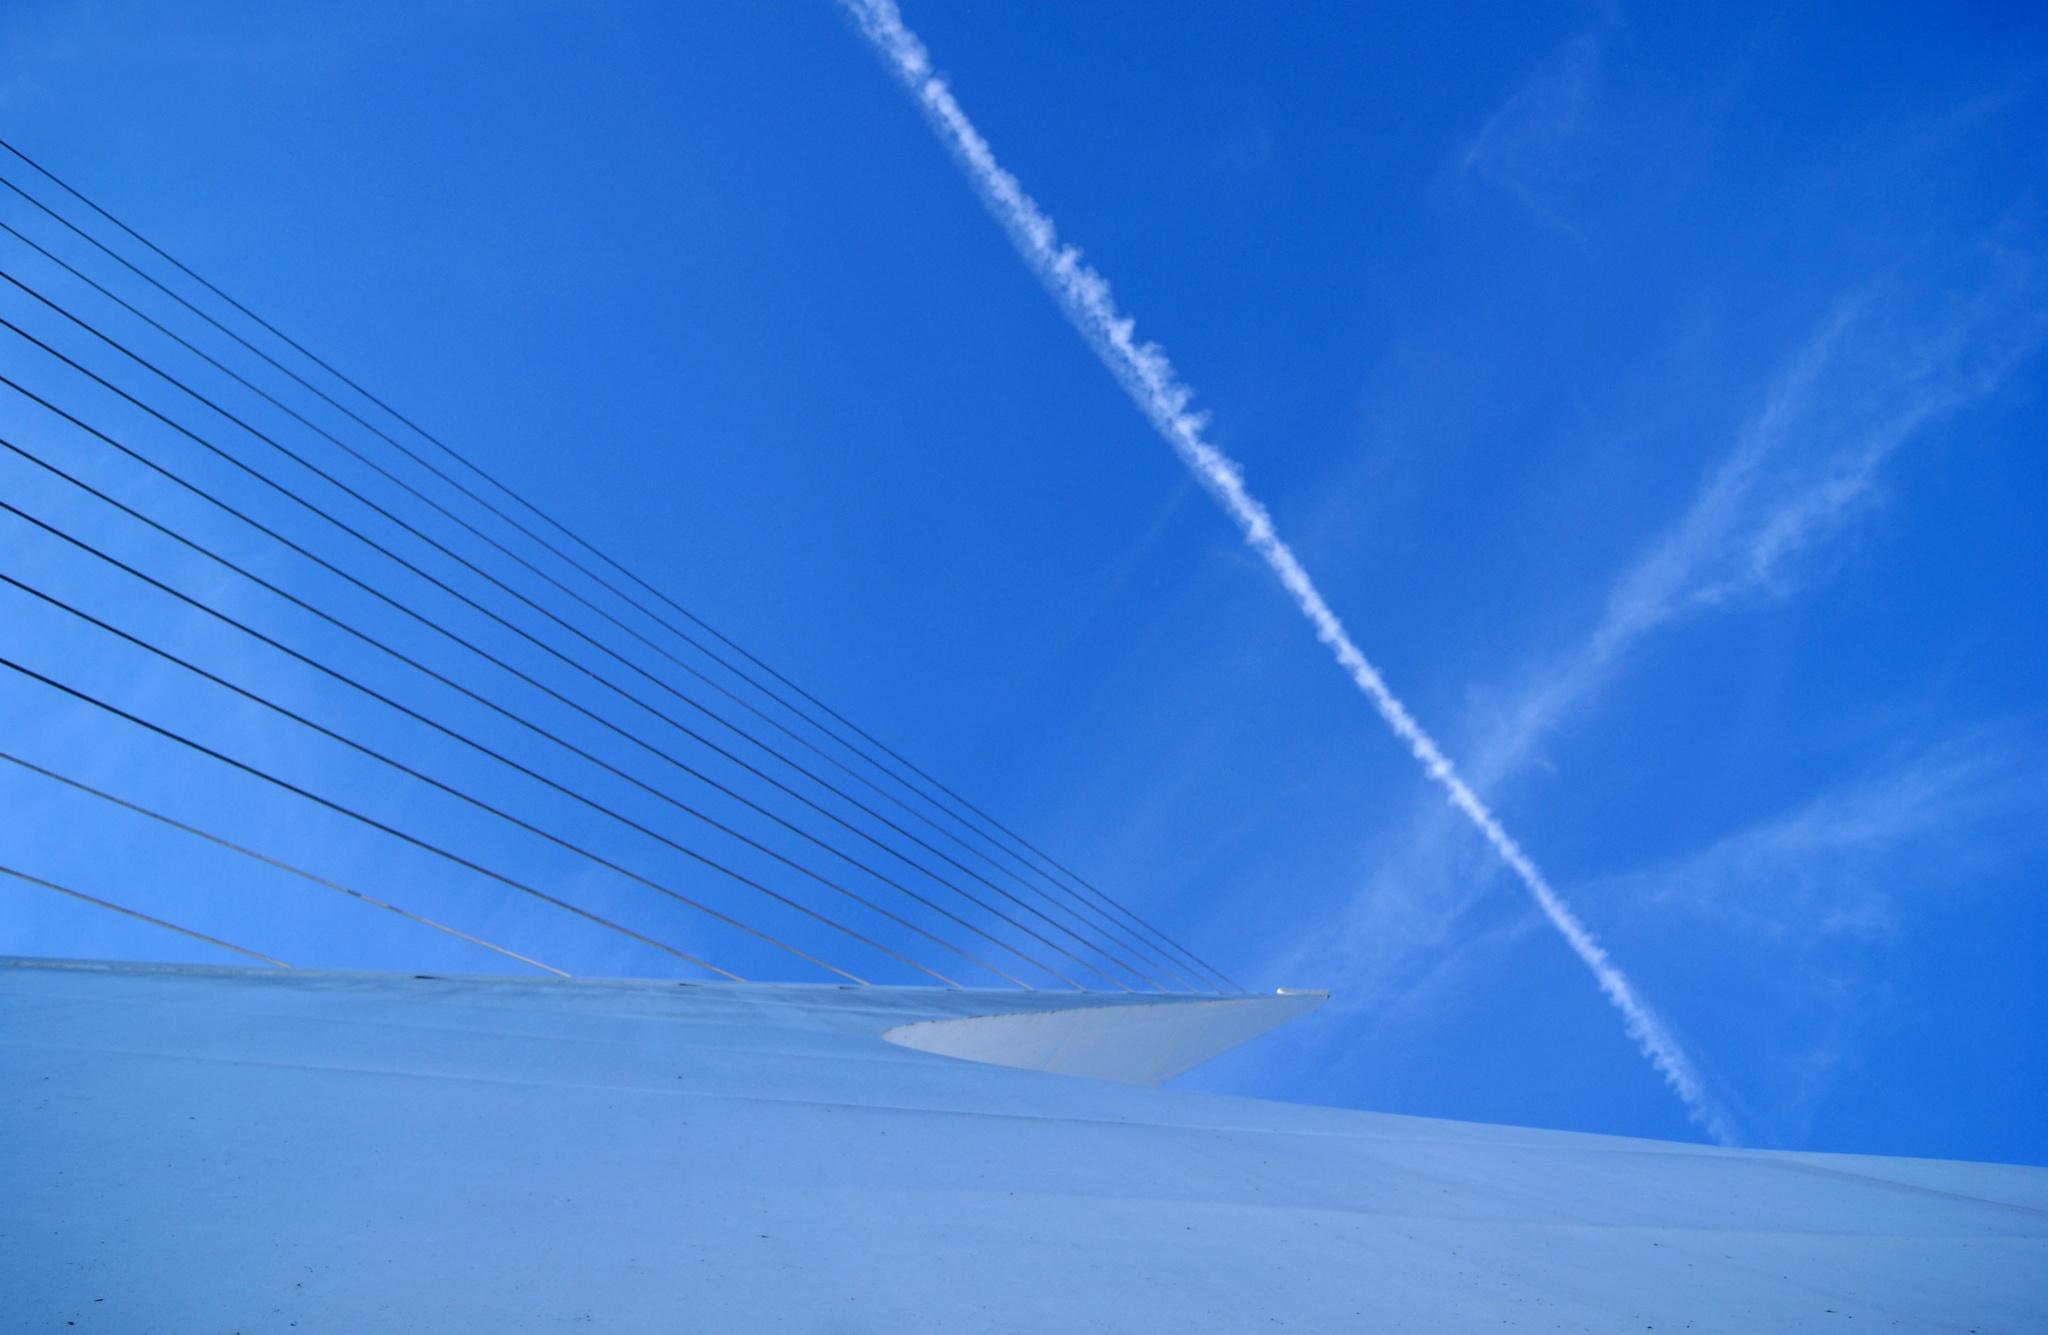 sundial bridge by cloghry